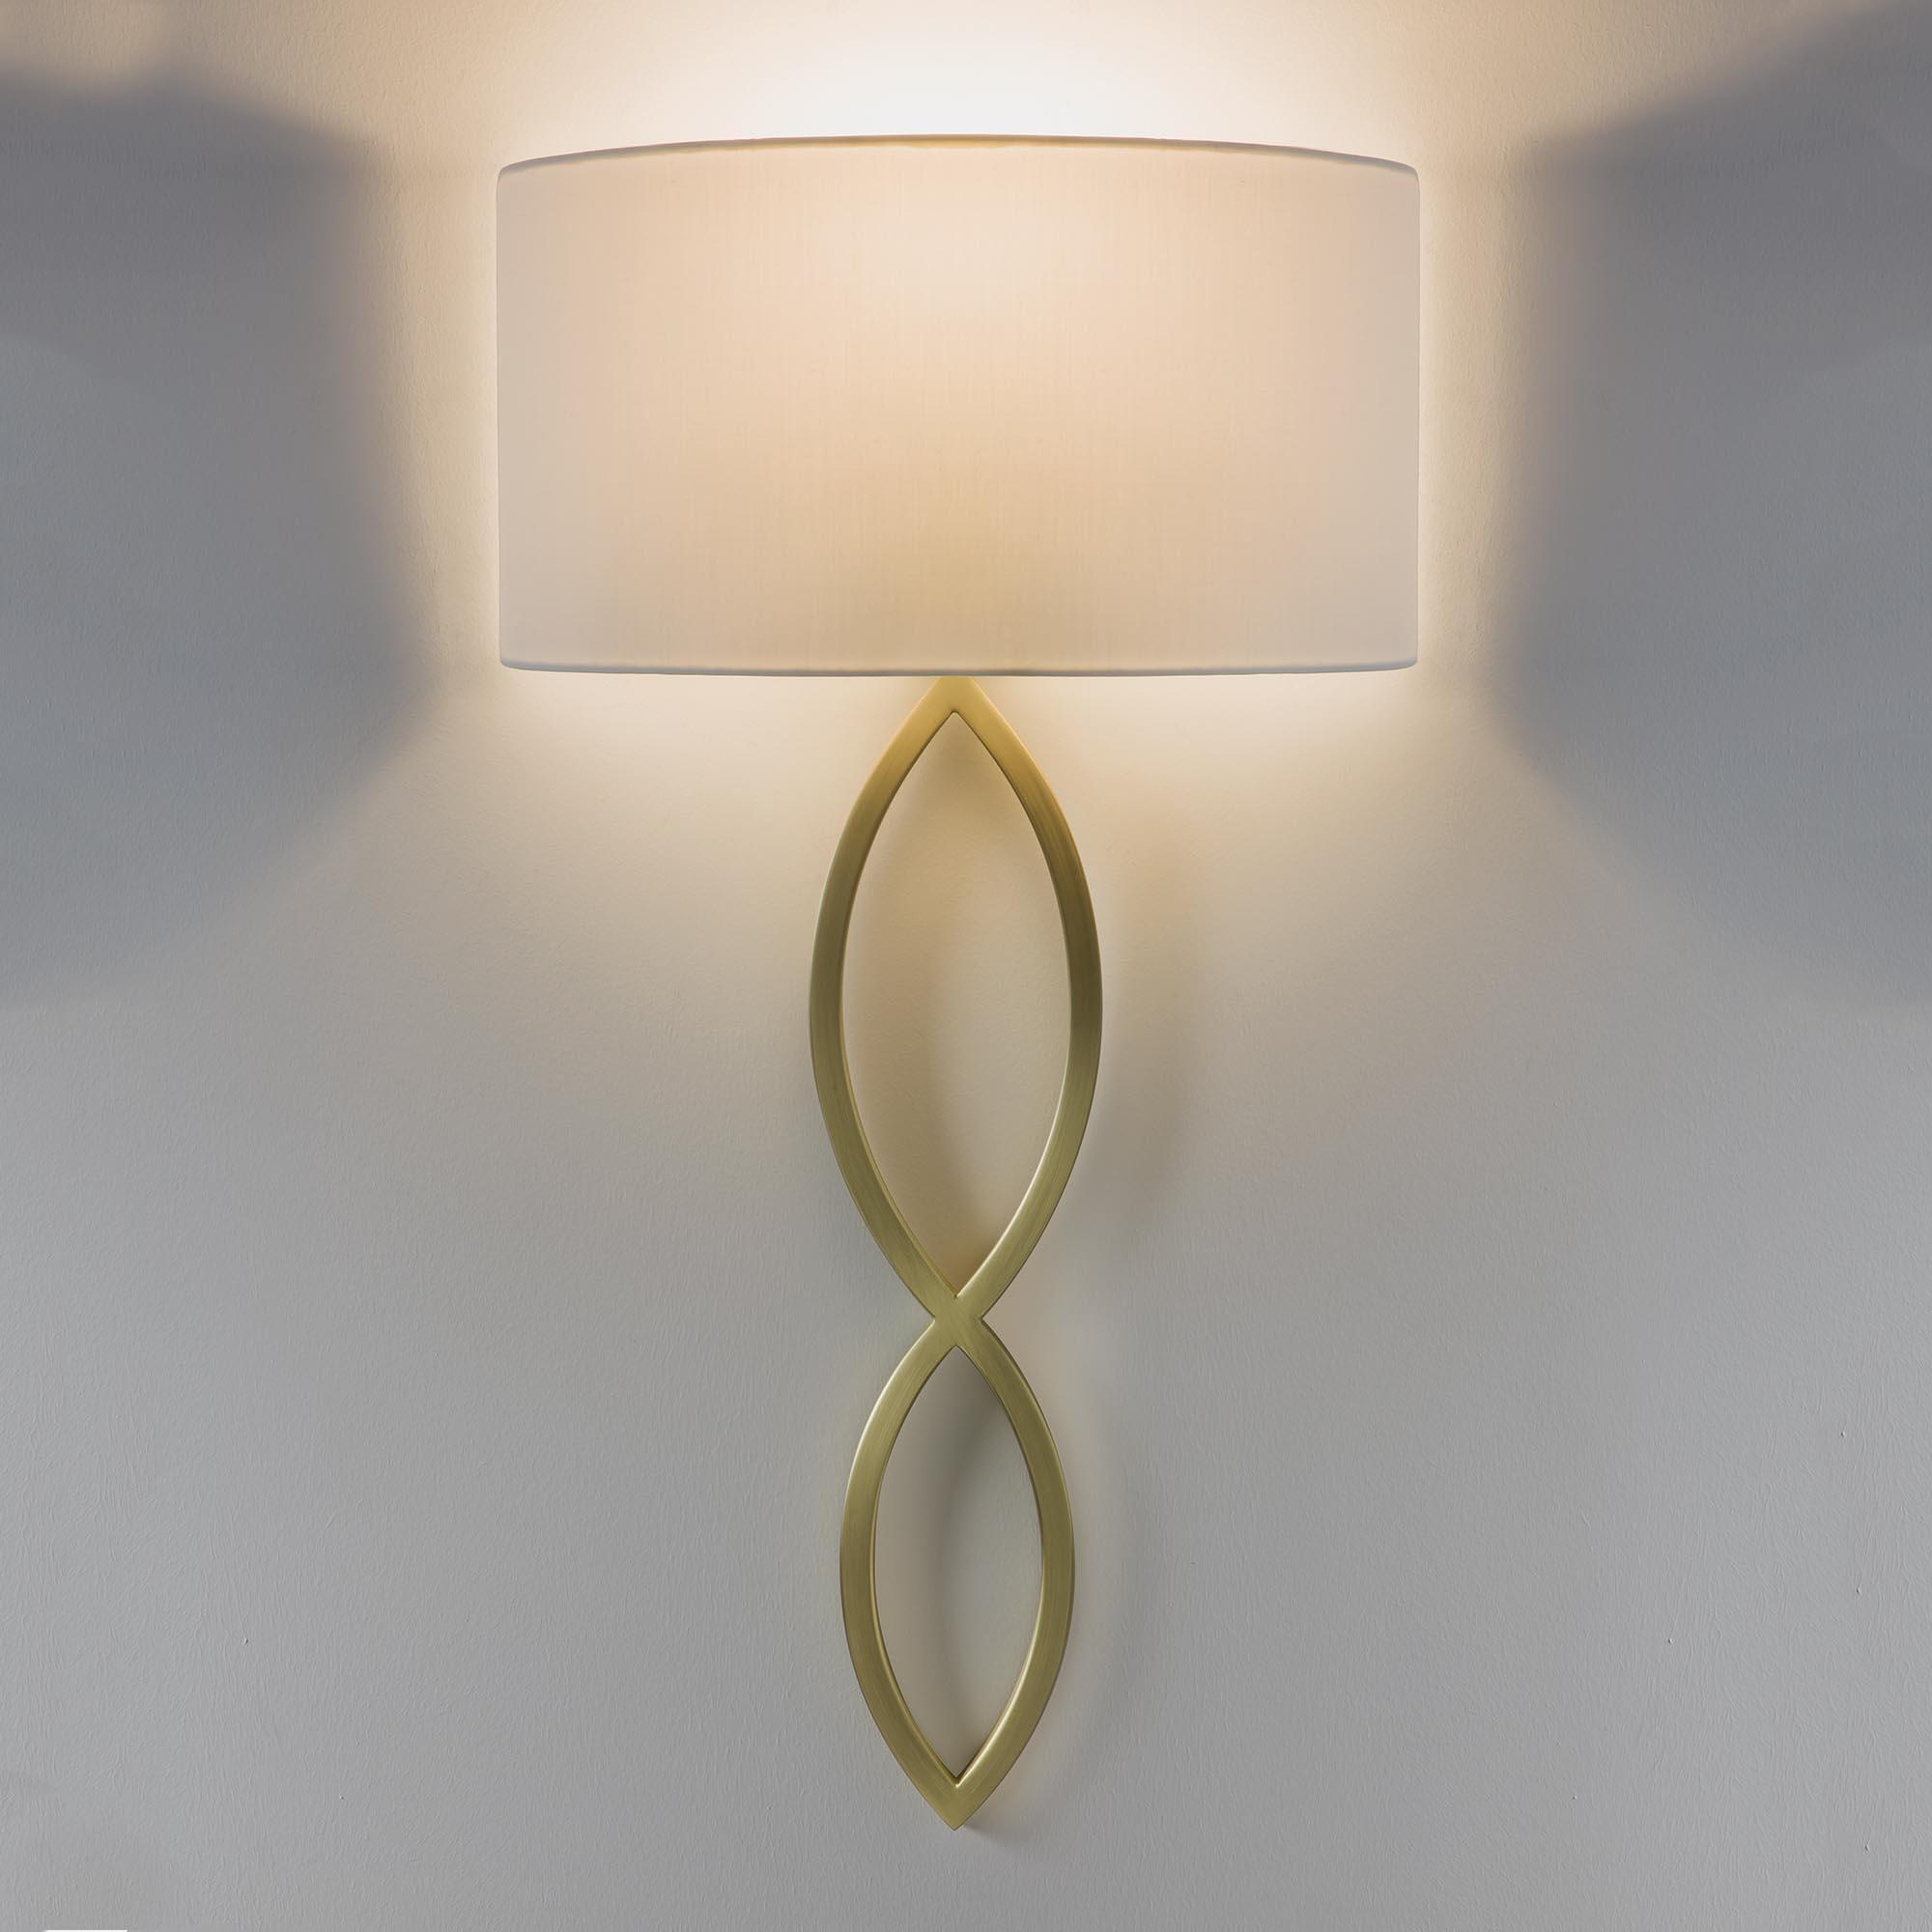 CASERTA applique oro con paralume bianco